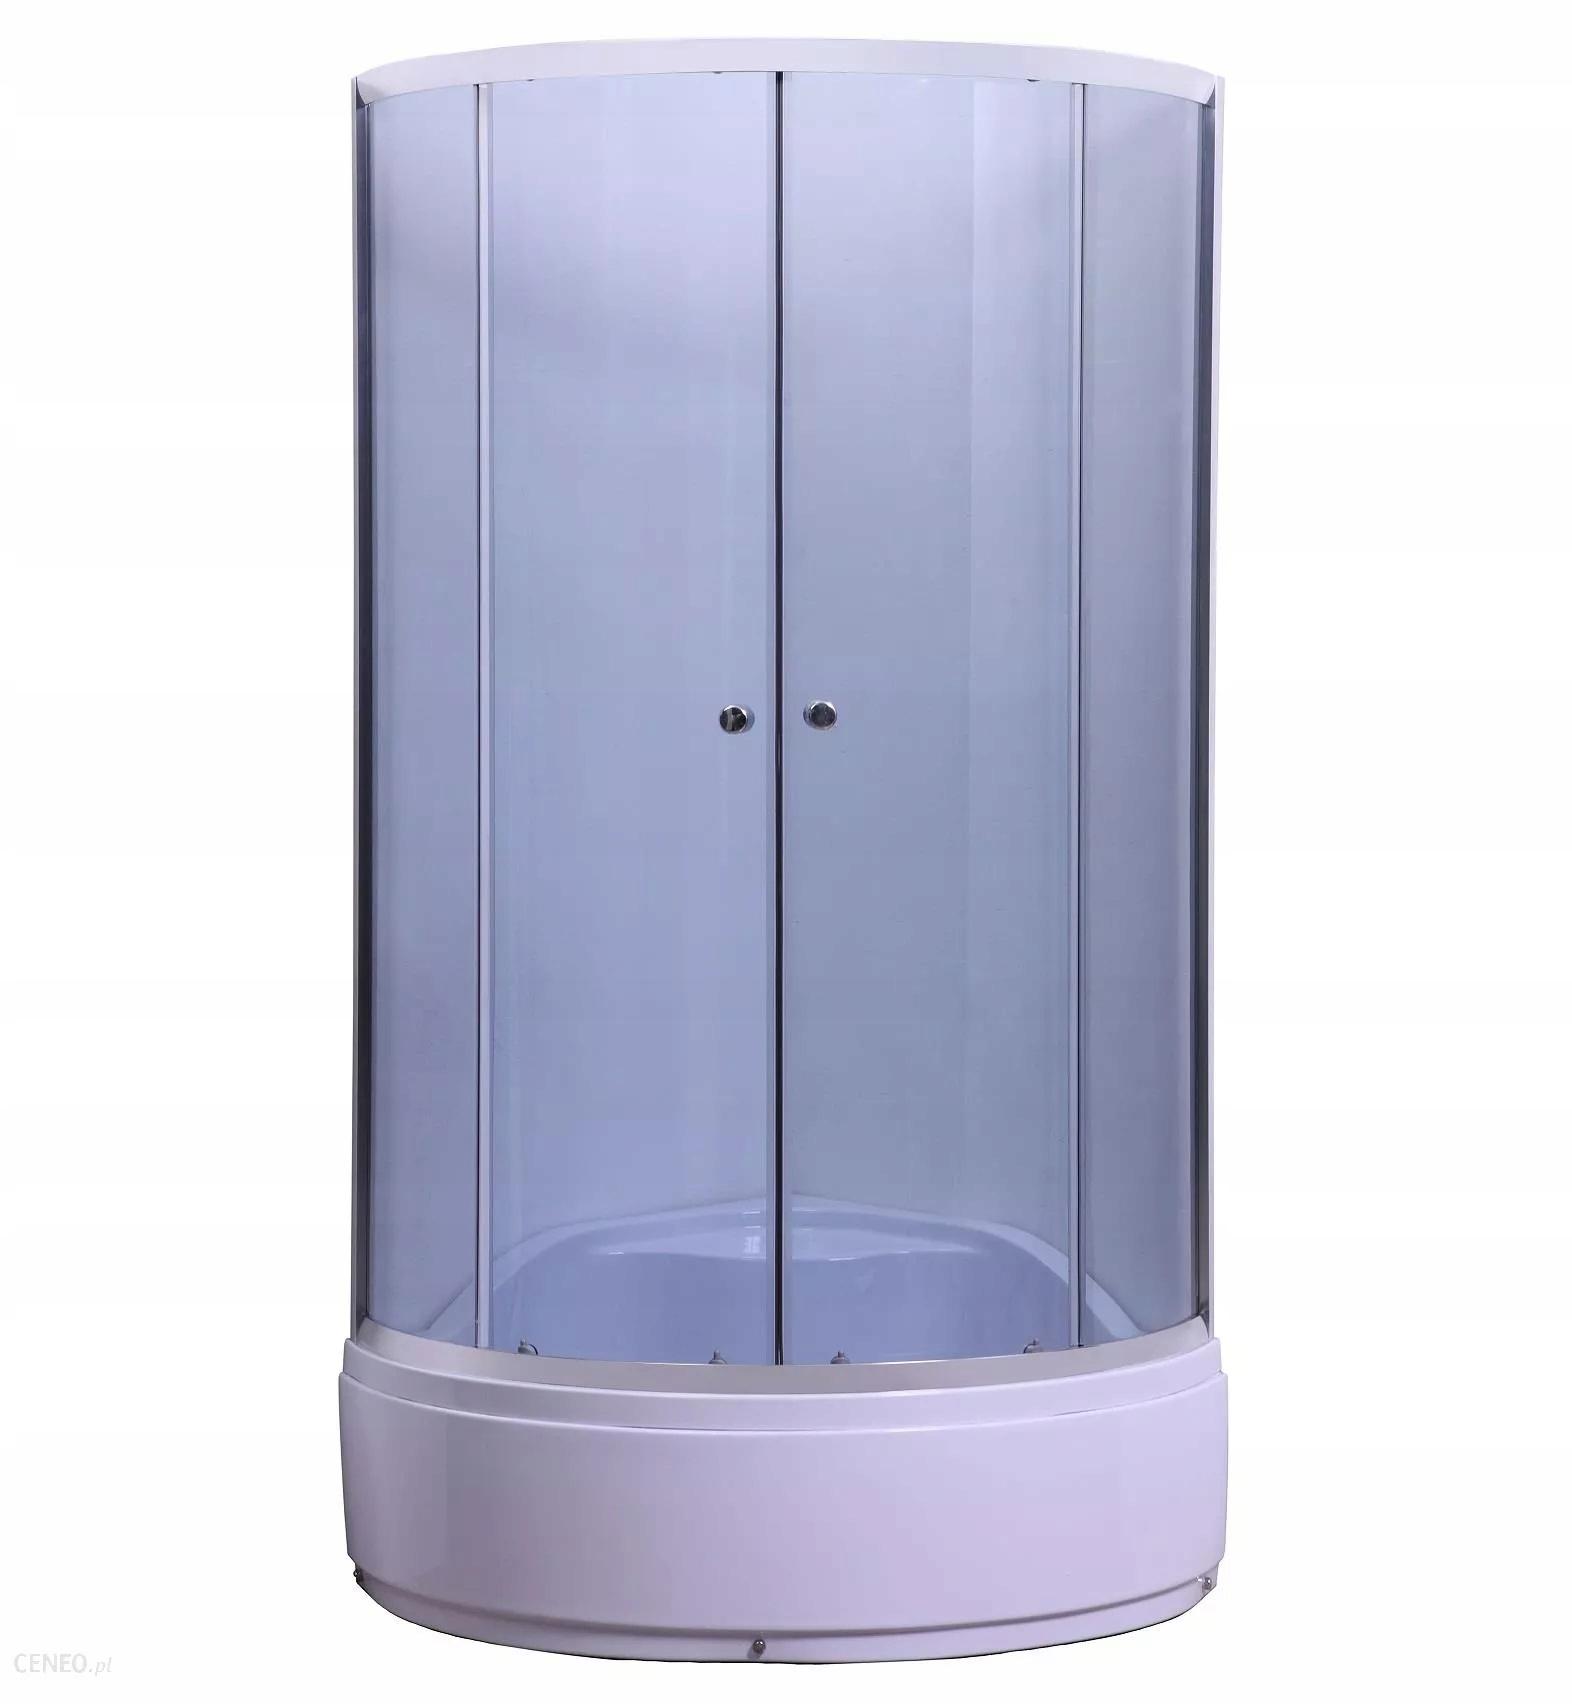 Sprchová kabína KAMILA s vaničkou 80X80X200